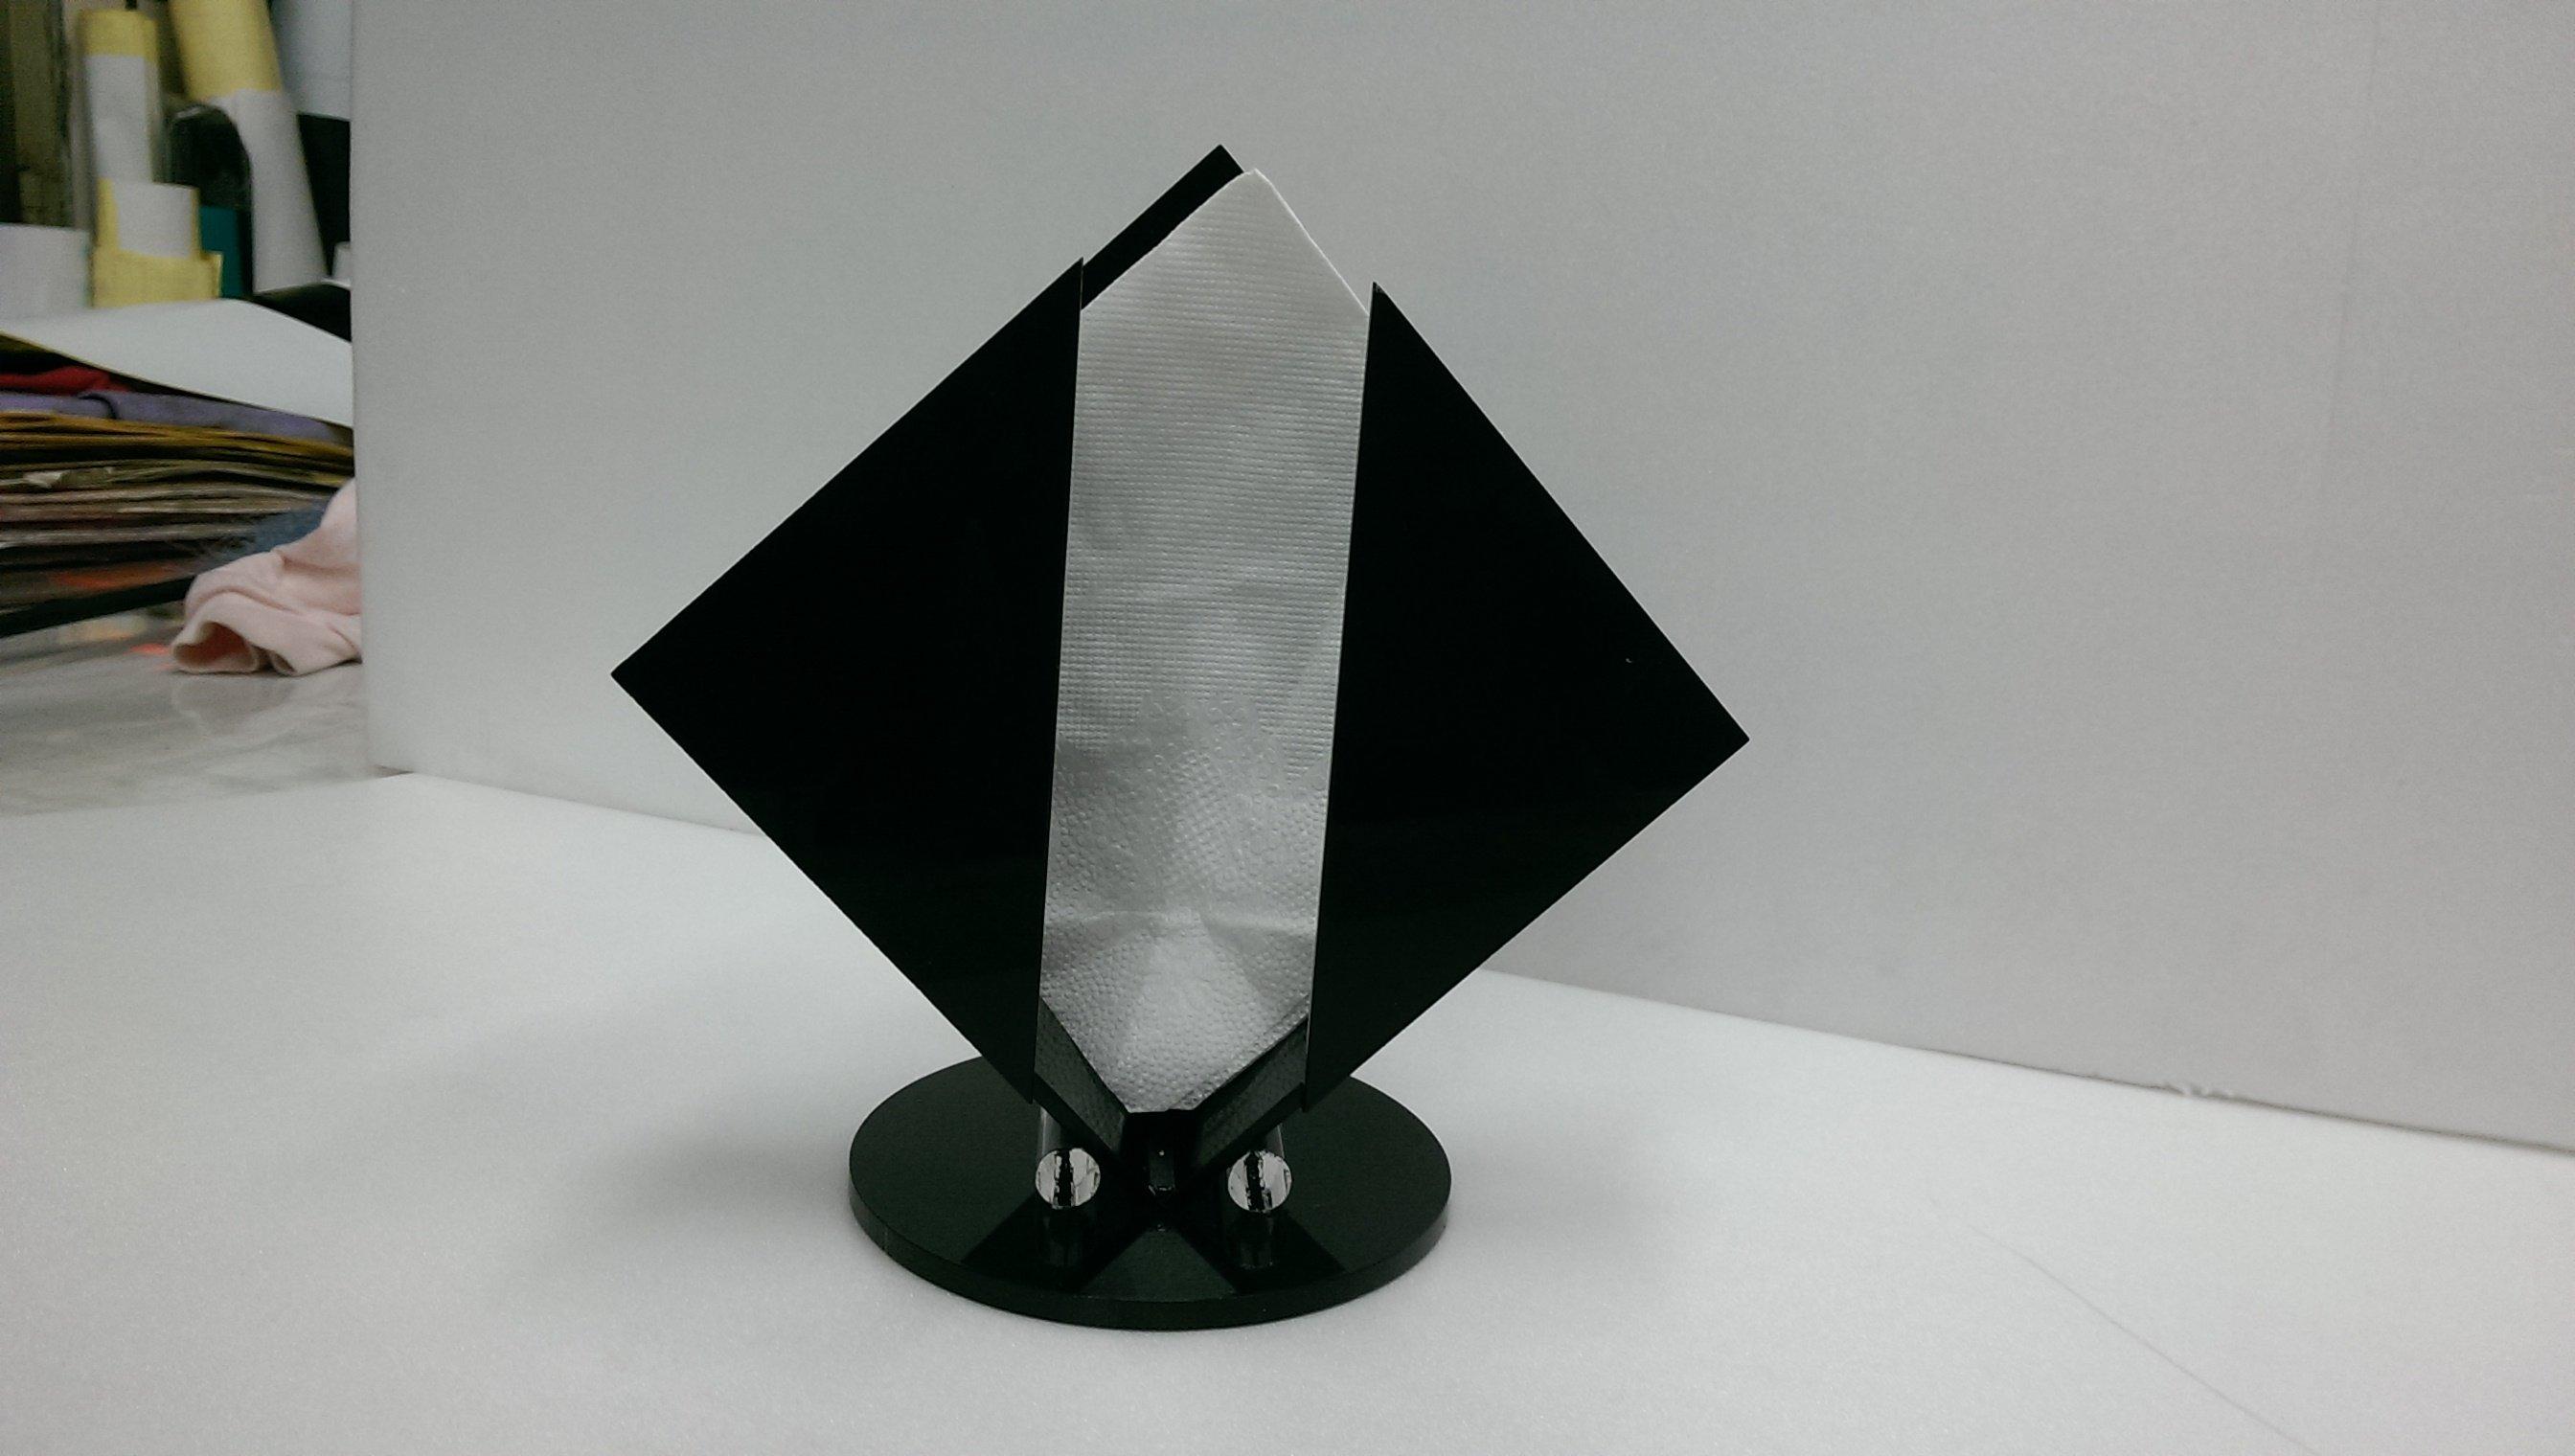 面紙架  面紙盒   壓克力箱 壓克力各式產品  壓克力裁切